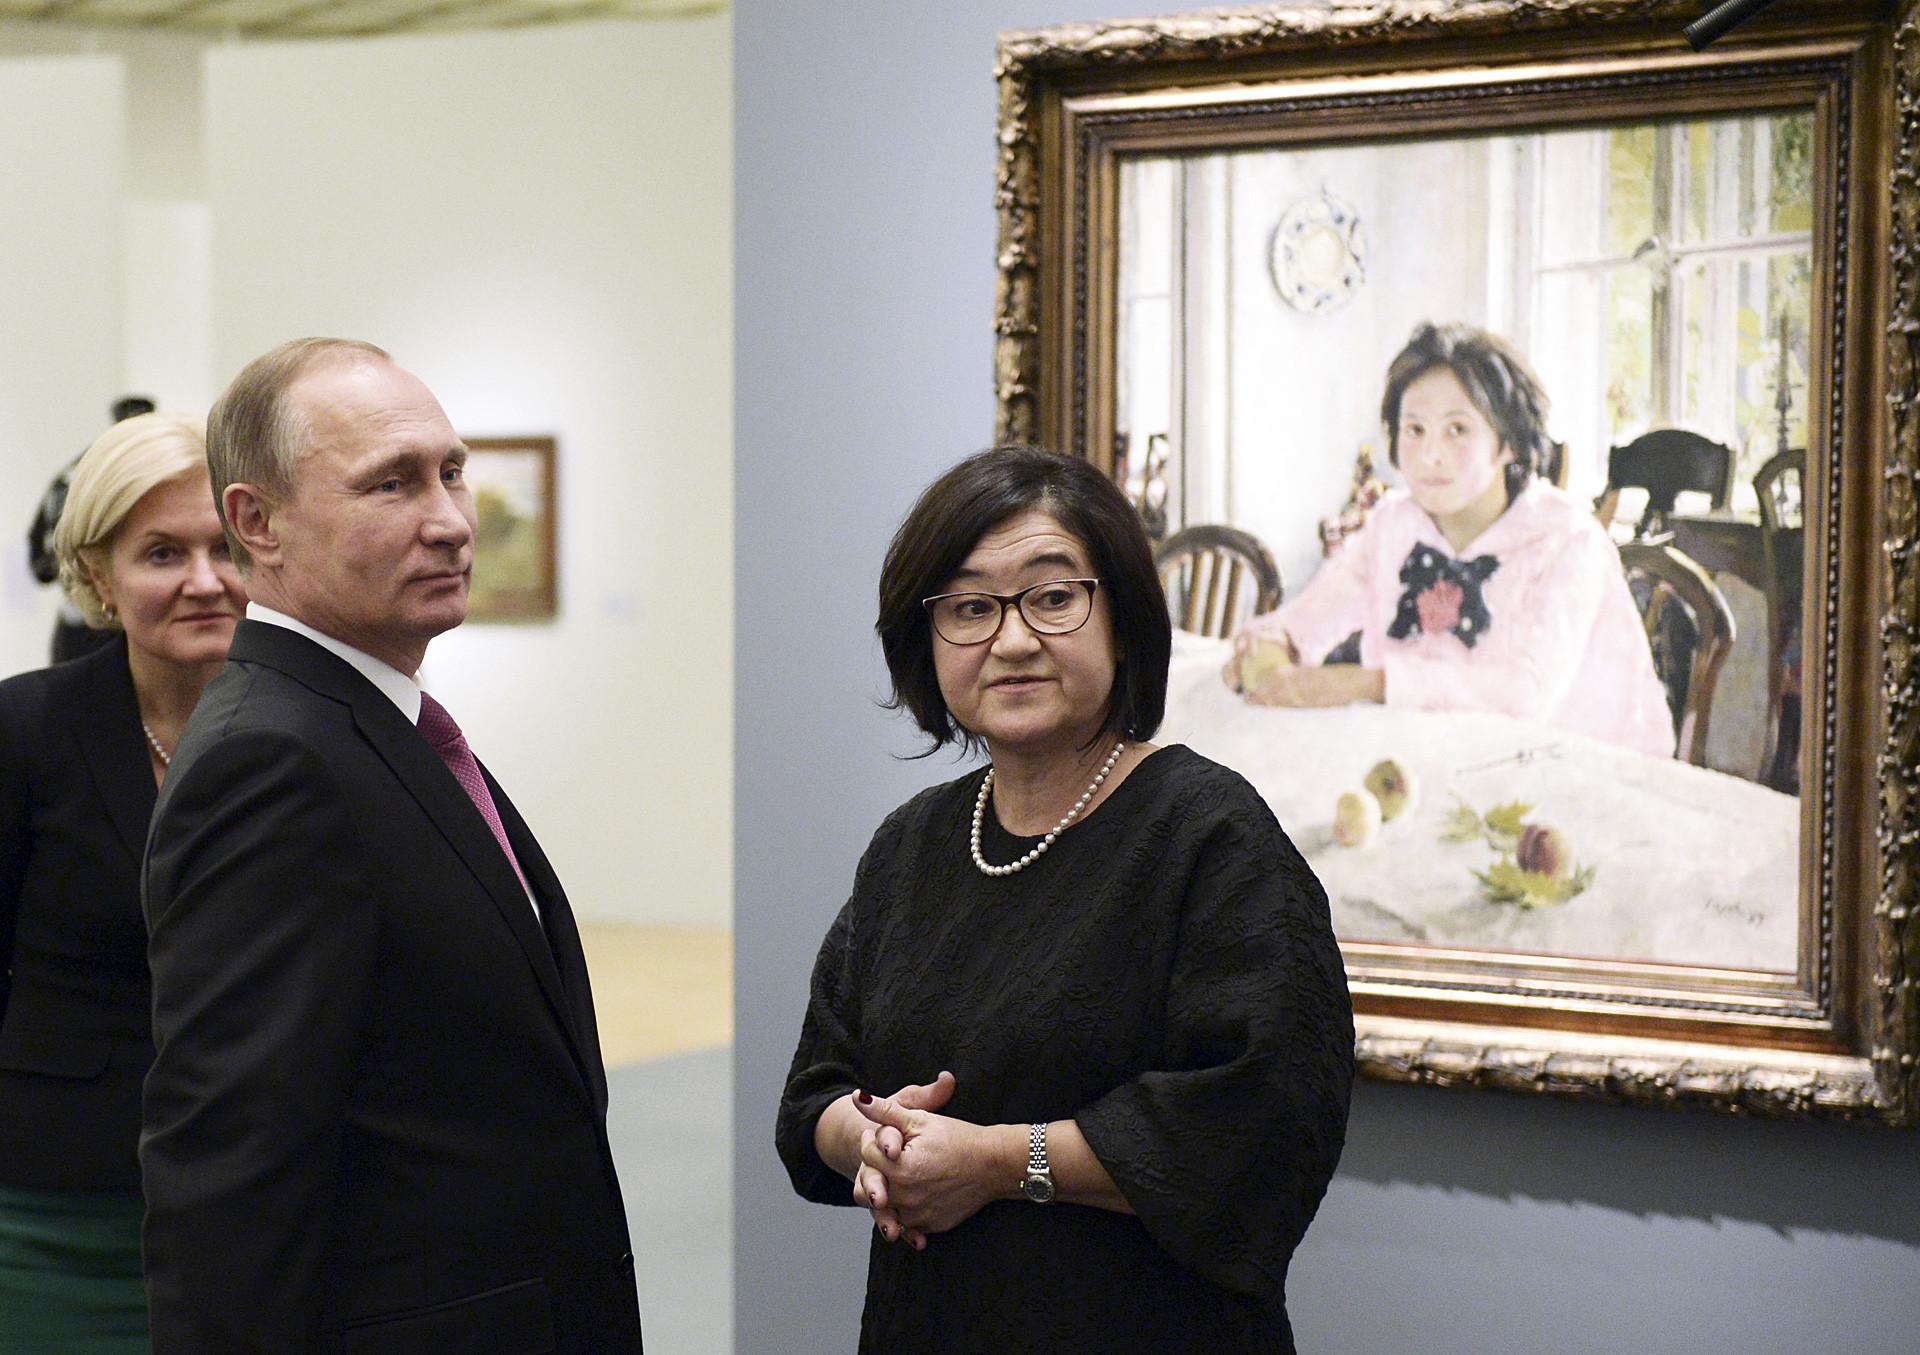 Poutine à l'exposition de Valentin Serov